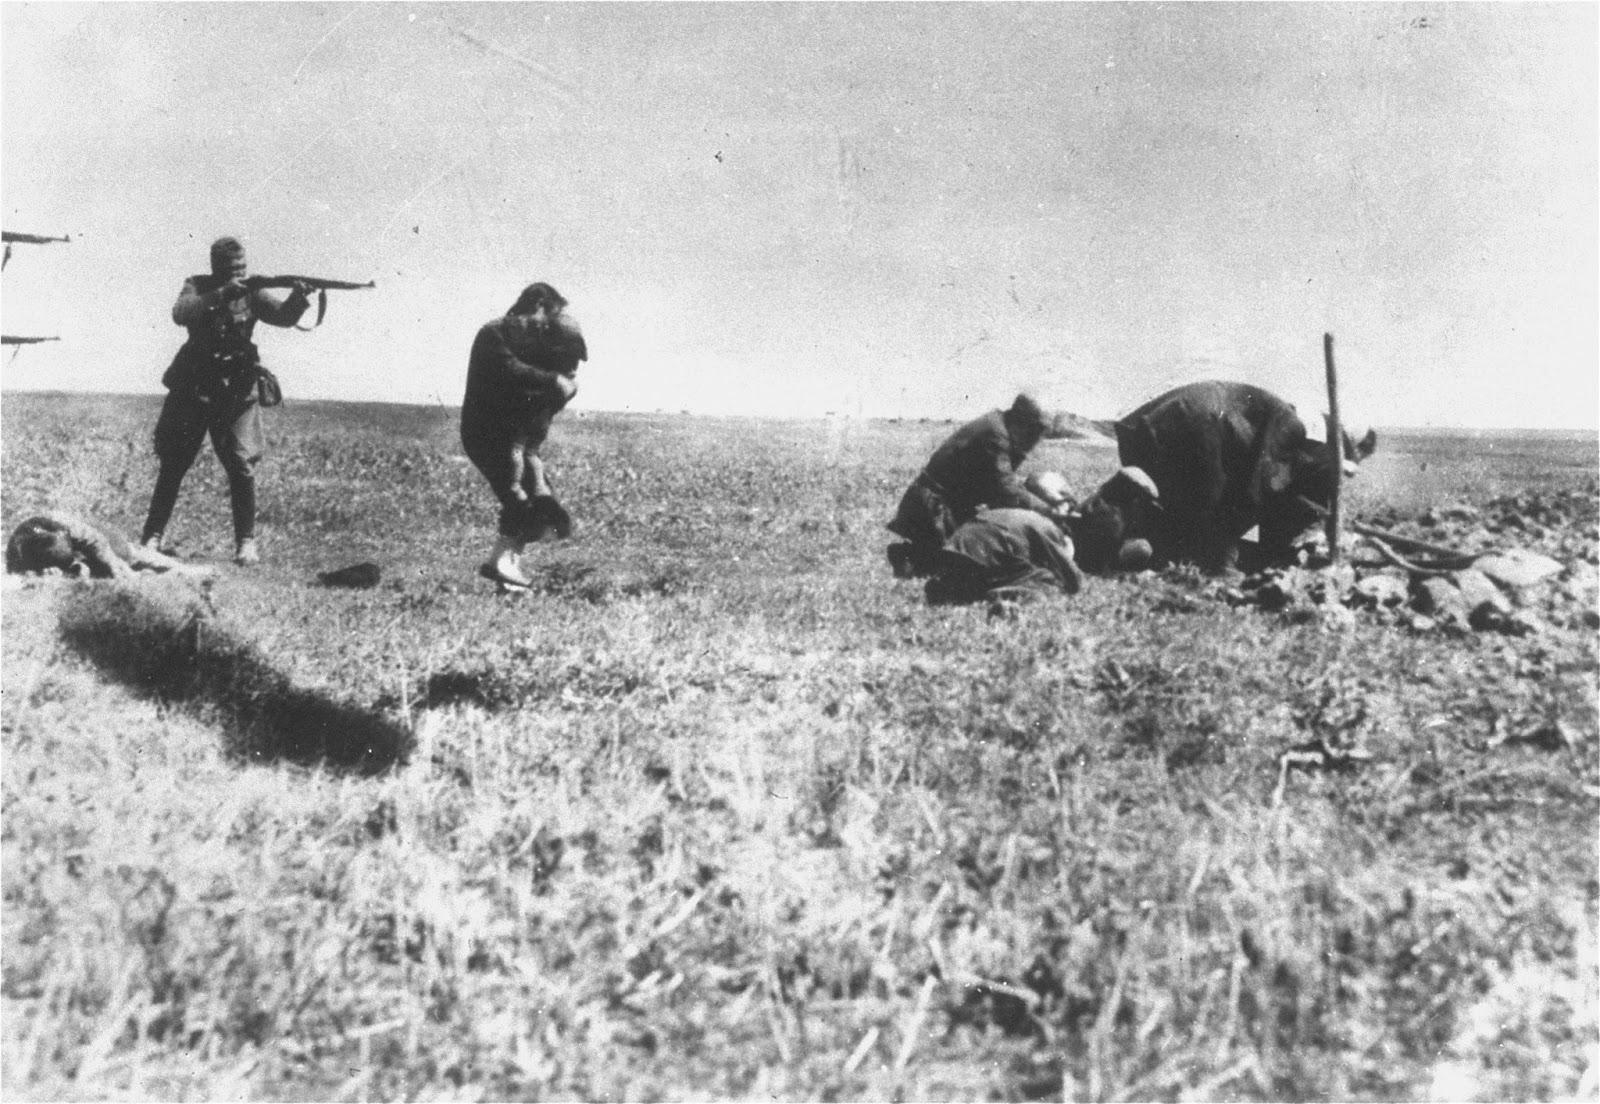 """Екзекуция на киевски евреи от немски военни през 1942 г. близо до Иваноград, Украйна. Прочетете цялата история тук: <a href=""""https://www.vesti.bg/lyubopitno/edna-ot-naj-vyzdejstvashtite-kartini-na-holokosta-6059932"""">Една от най-въздействащите и убедителни картини на Холокоста</a>"""